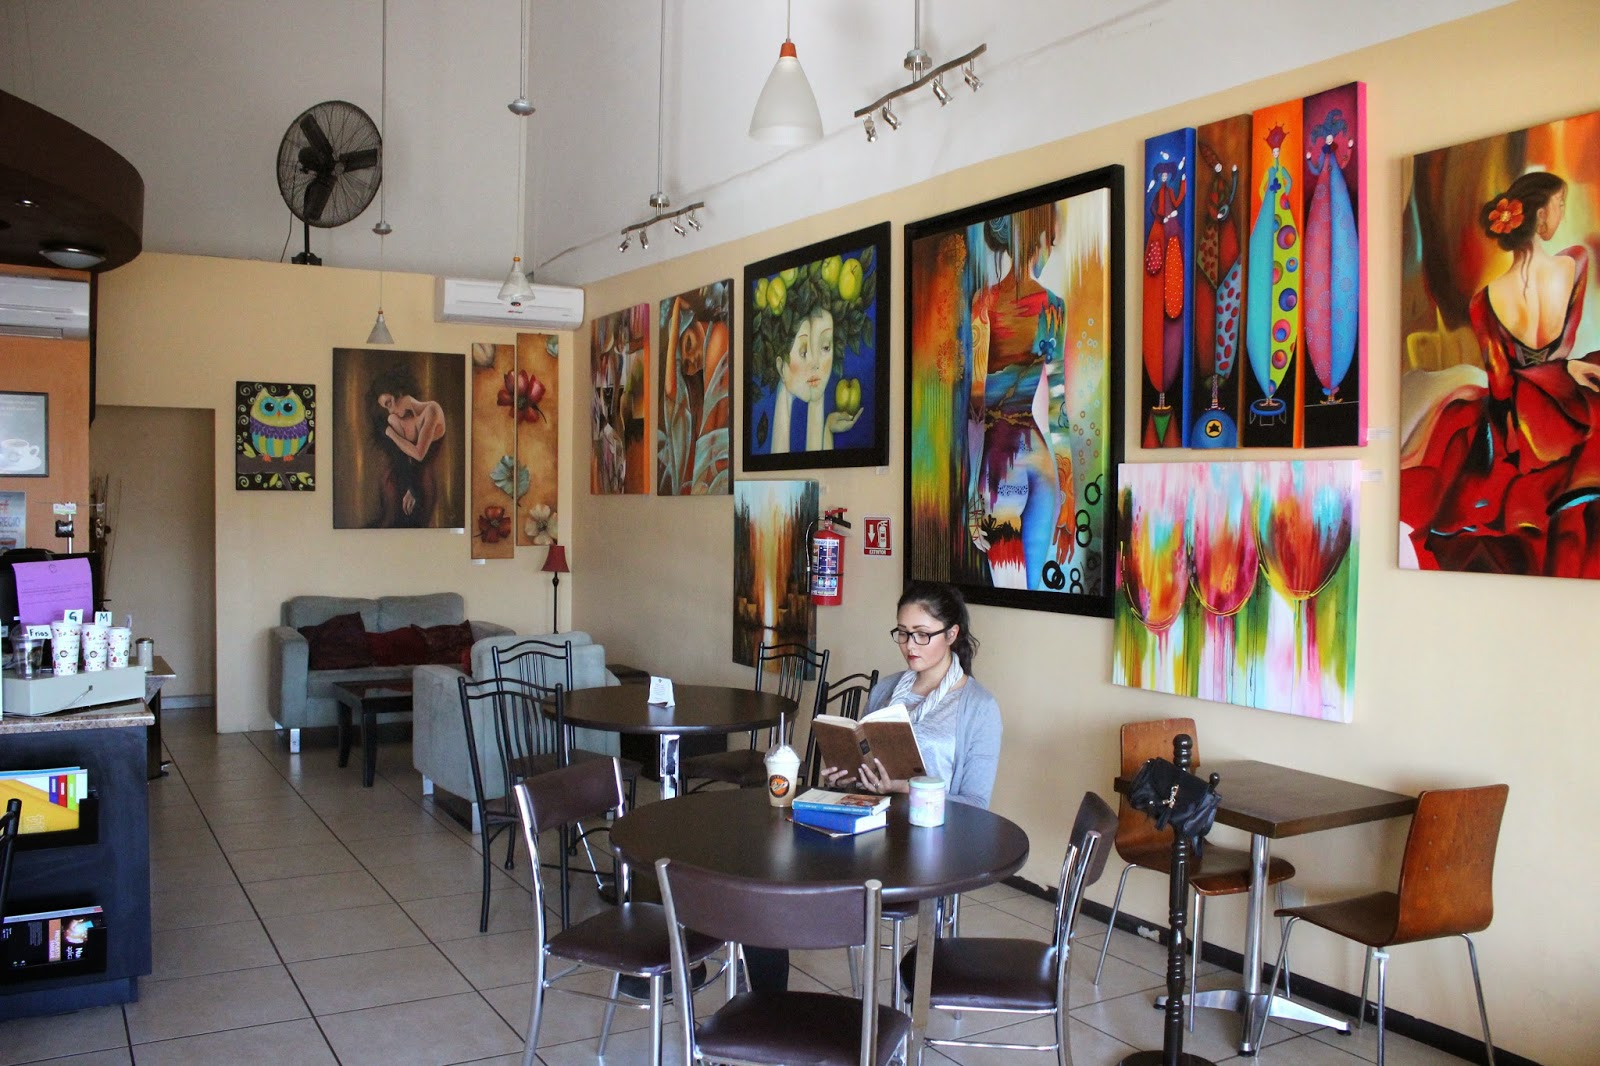 Caf S Y Restaurantes